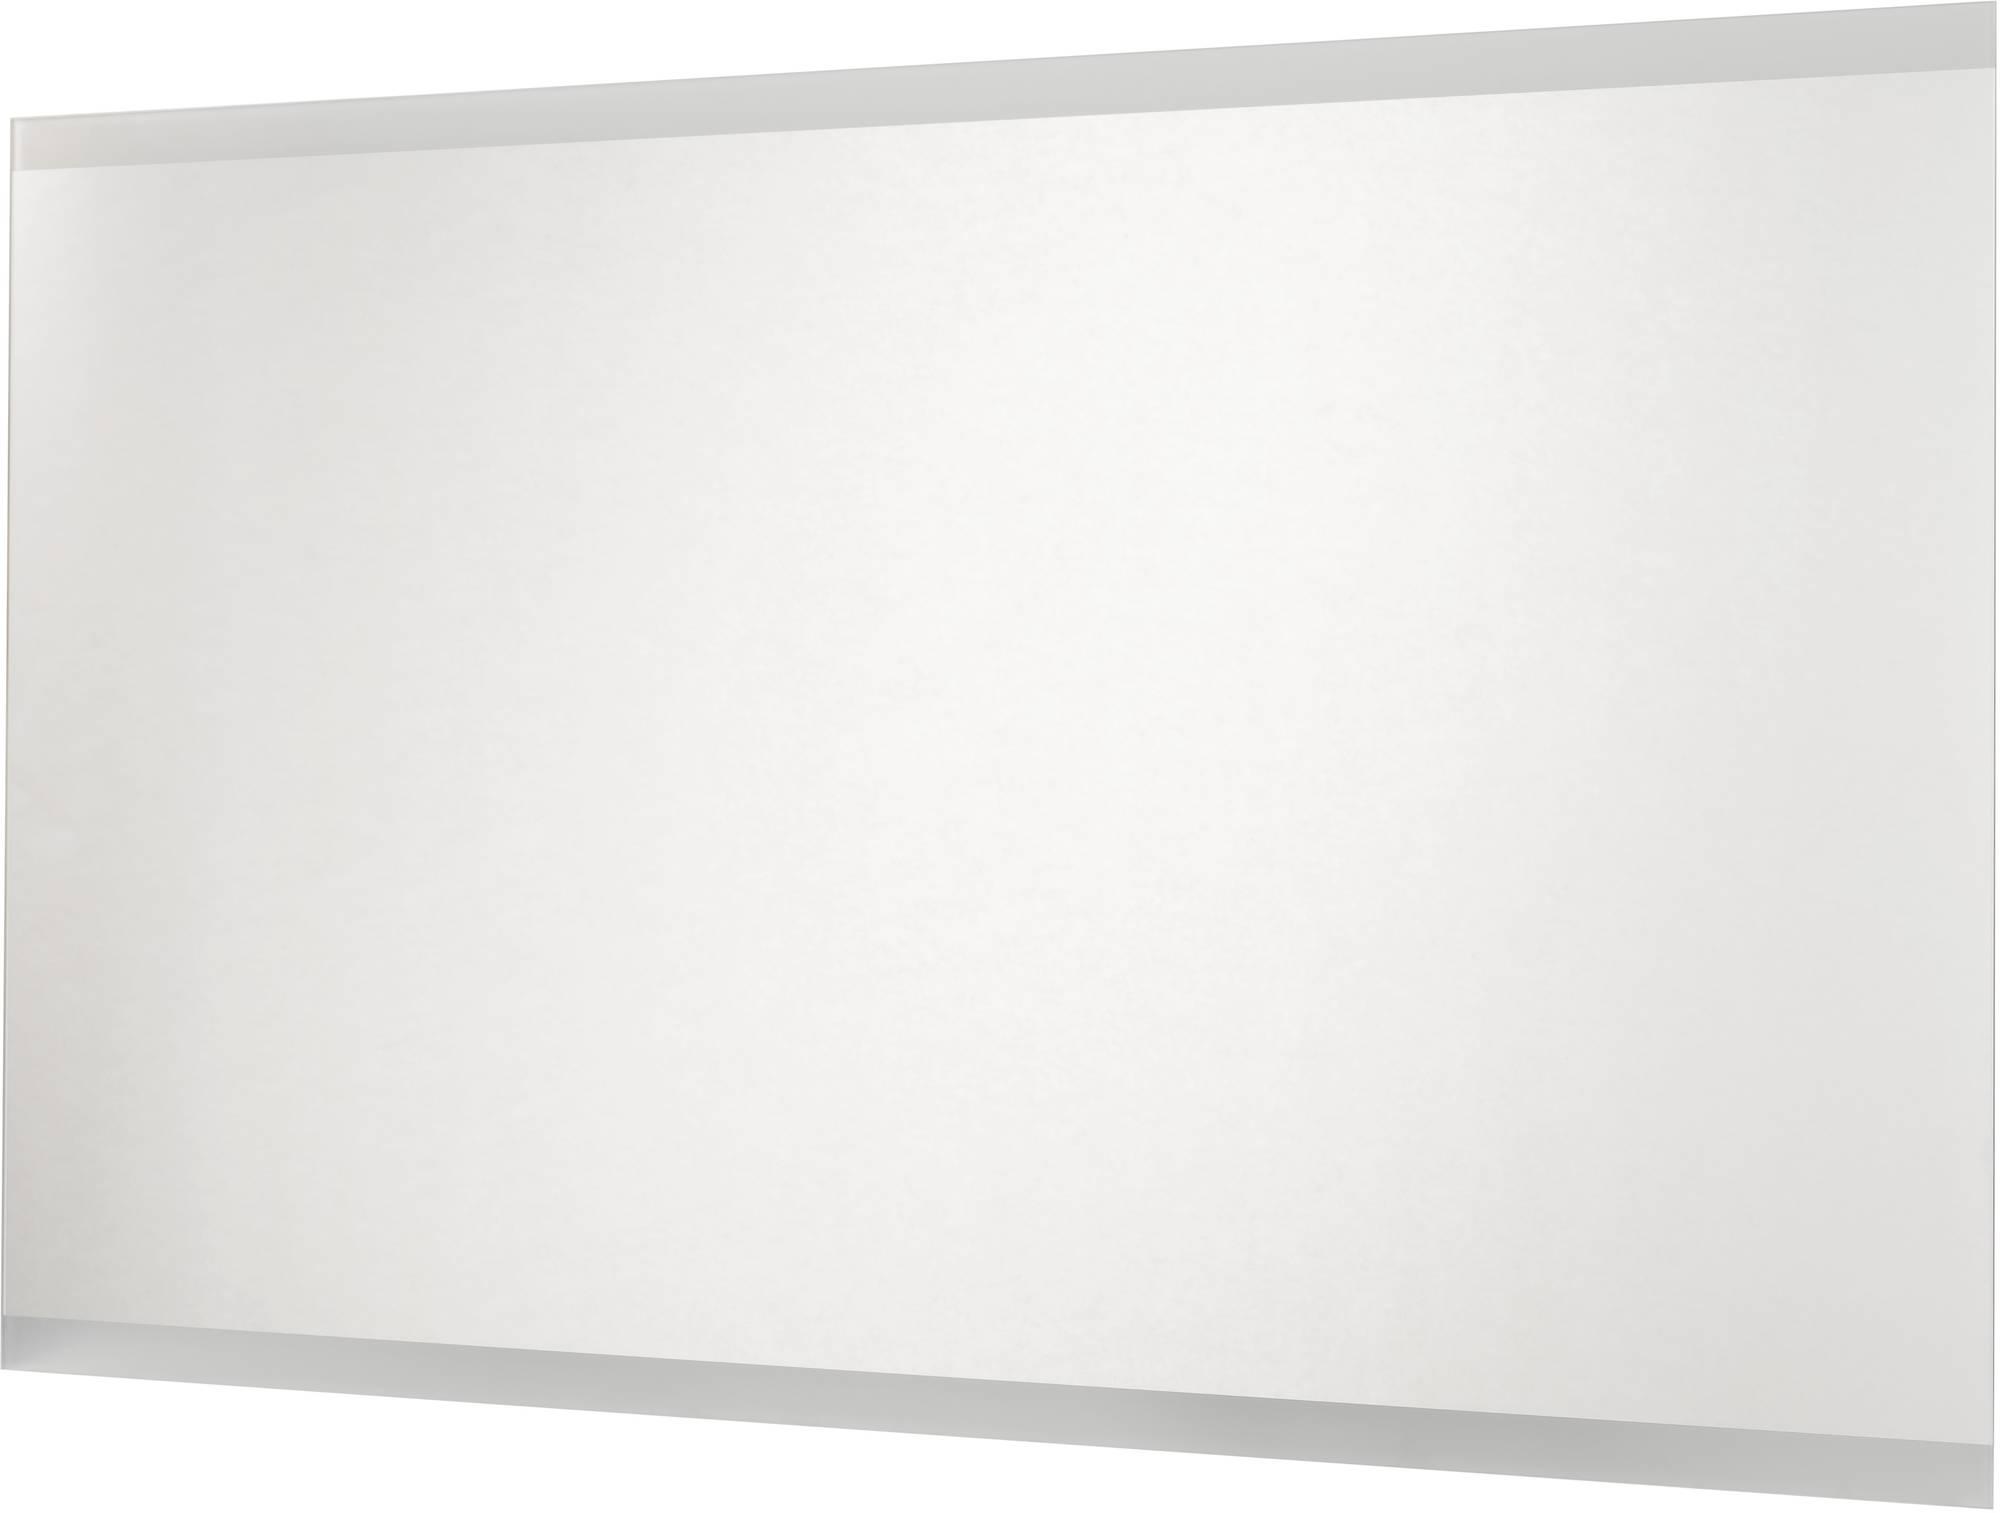 Saniselect Valence Spiegelpaneel Met LED verlichting boven en onder 120cm